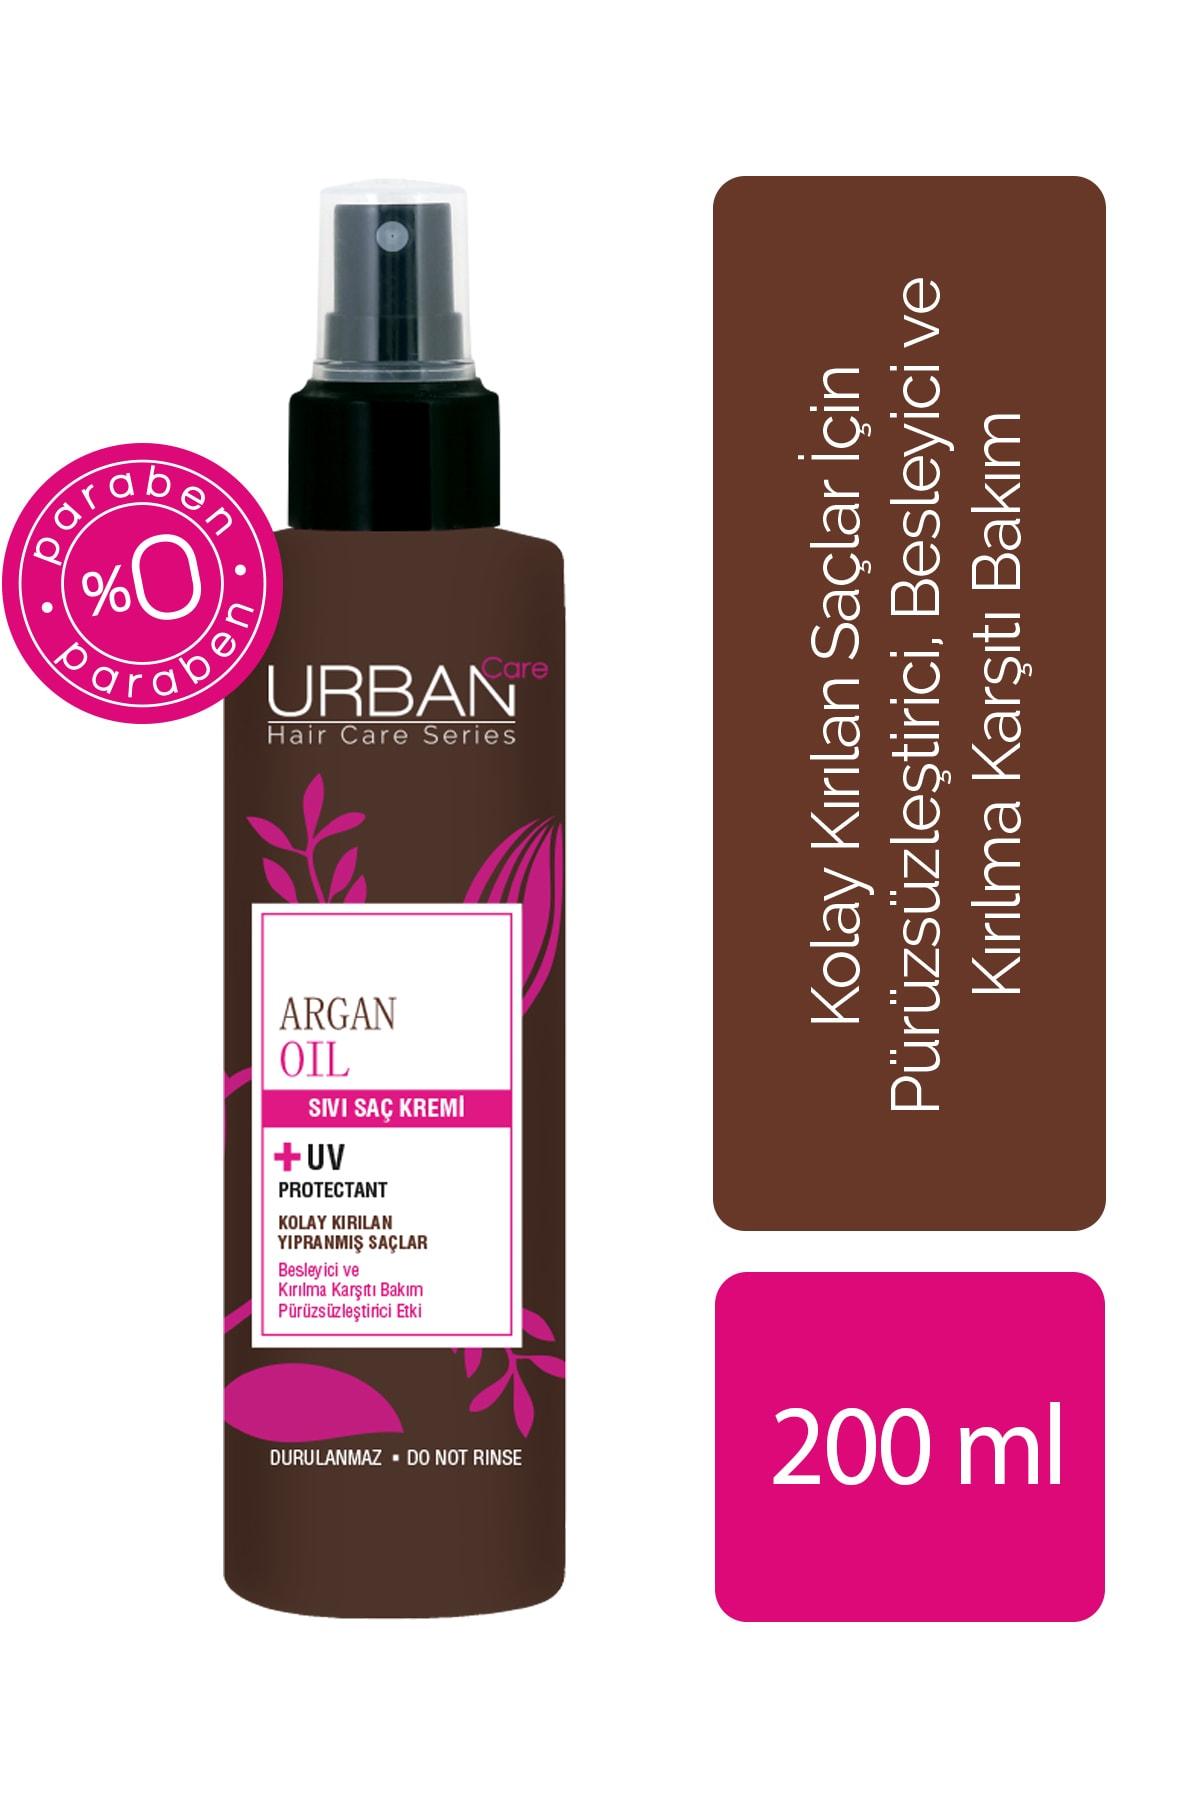 Urban Care Argan Yağı & Keratin Kırılma Karşıtı Sıvı Saç Kremi 200 ml 1